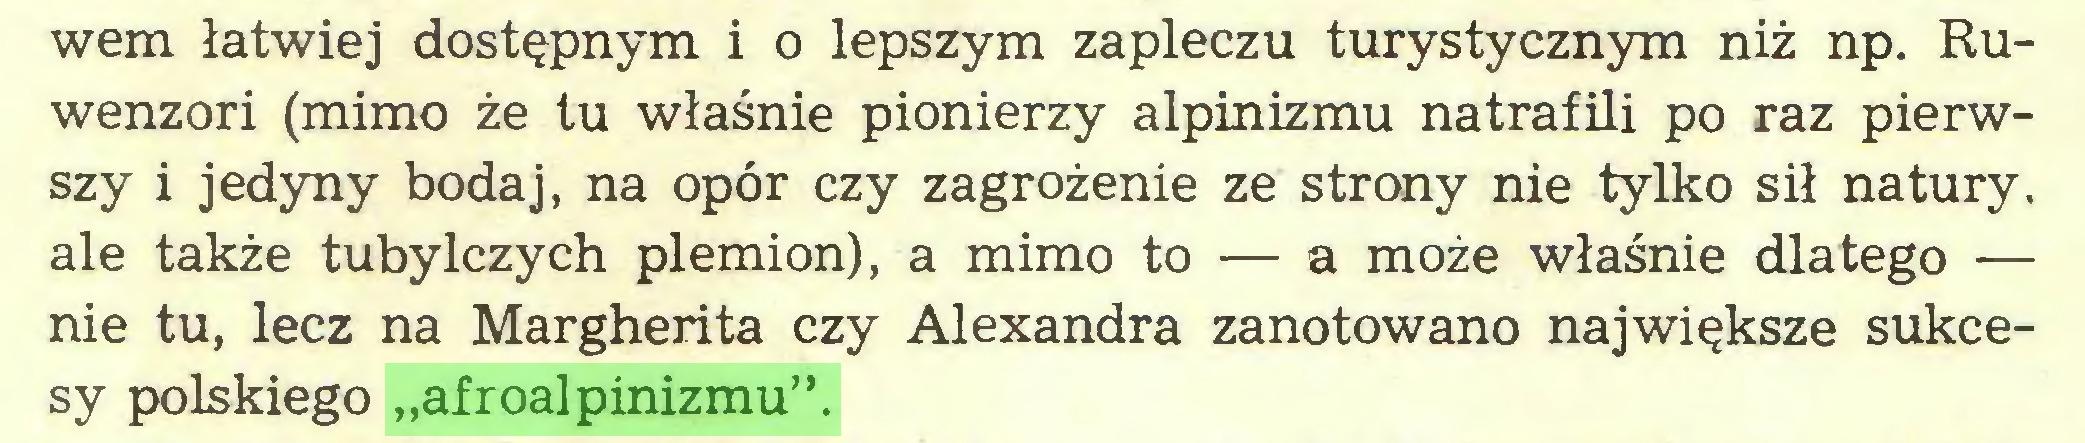 """(...) wem łatwiej dostępnym i o lepszym zapleczu turystycznym niż np. Ruwenzori (mimo że tu właśnie pionierzy alpinizmu natrafili po raz pierwszy i jedyny bodaj, na opór czy zagrożenie ze strony nie tylko sił natury, ale także tubylczych plemion), a mimo to — a może właśnie dlatego — nie tu, lecz na Margherita czy Alexandra zanotowano największe sukcesy polskiego """"afroalpinizmu""""..."""